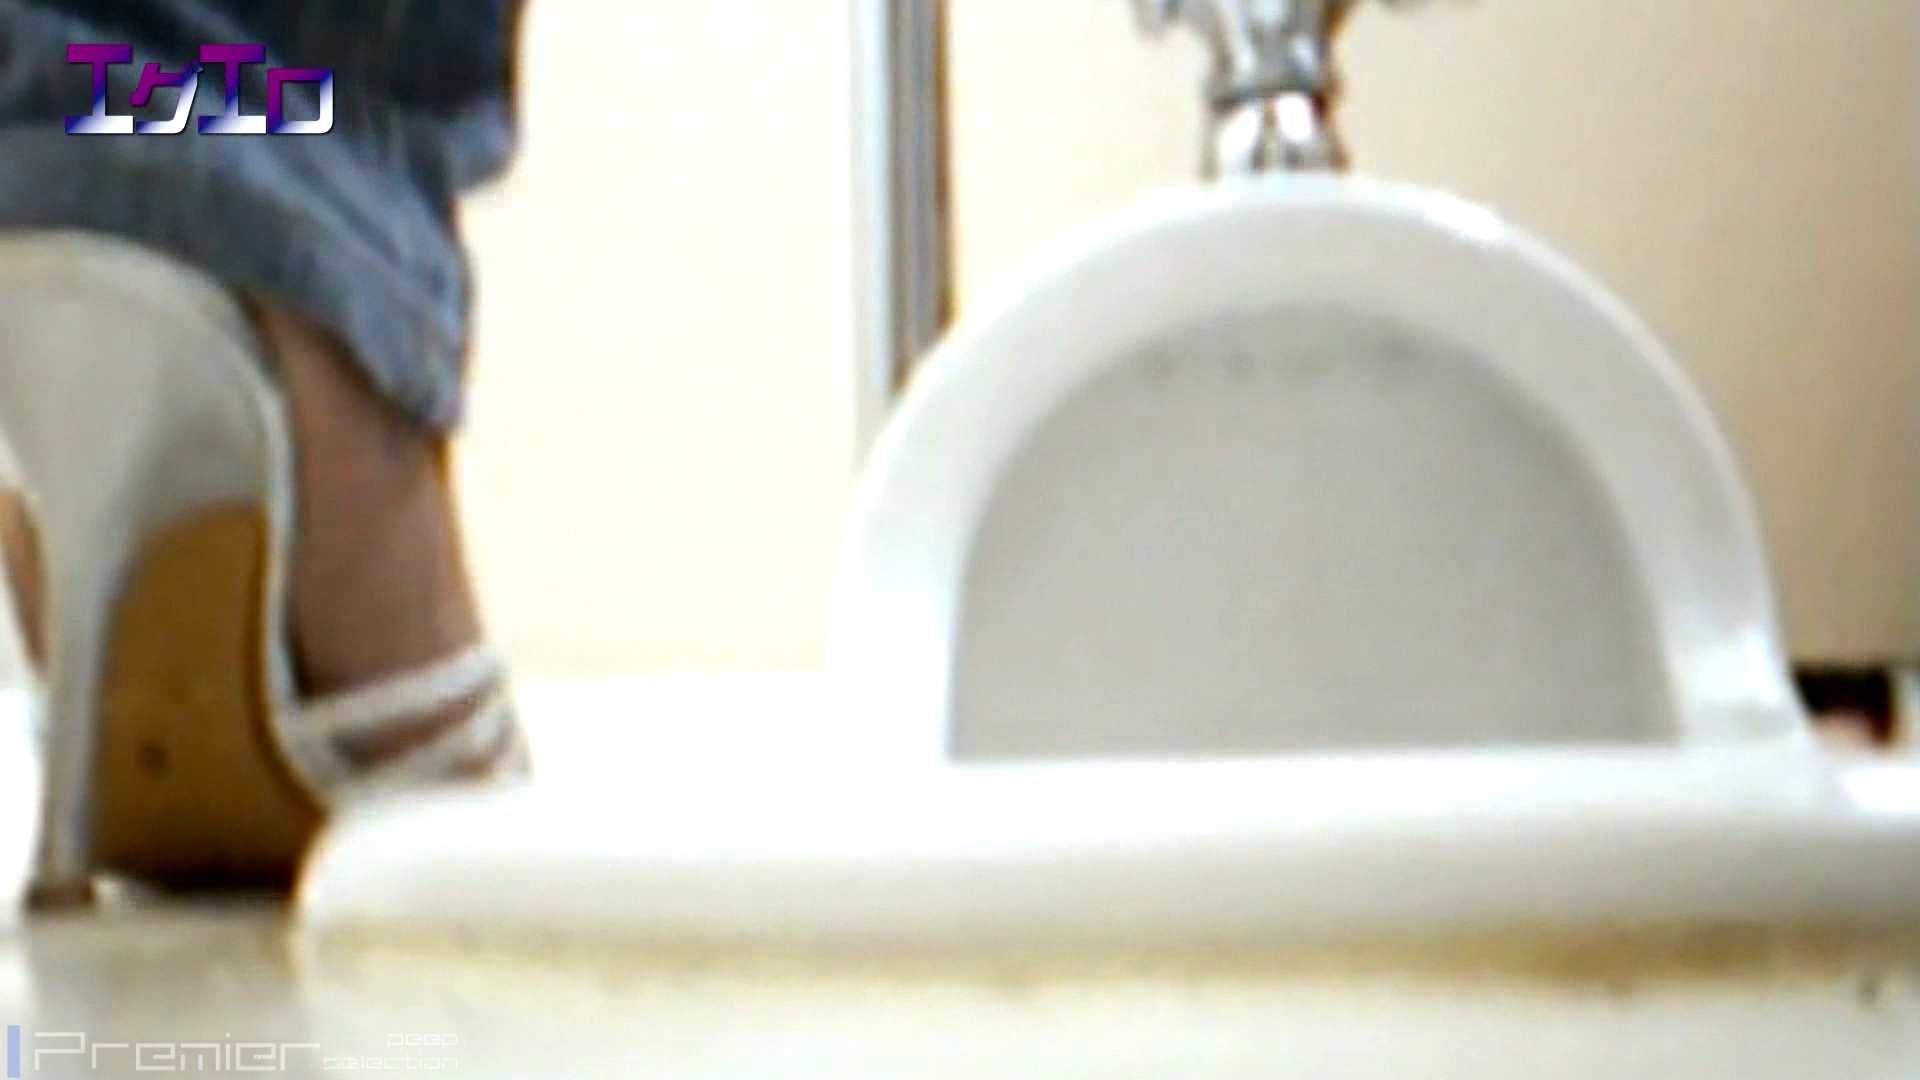 至近距離洗面所 Vol.11 丸見えマンコ   高評価  74画像 52